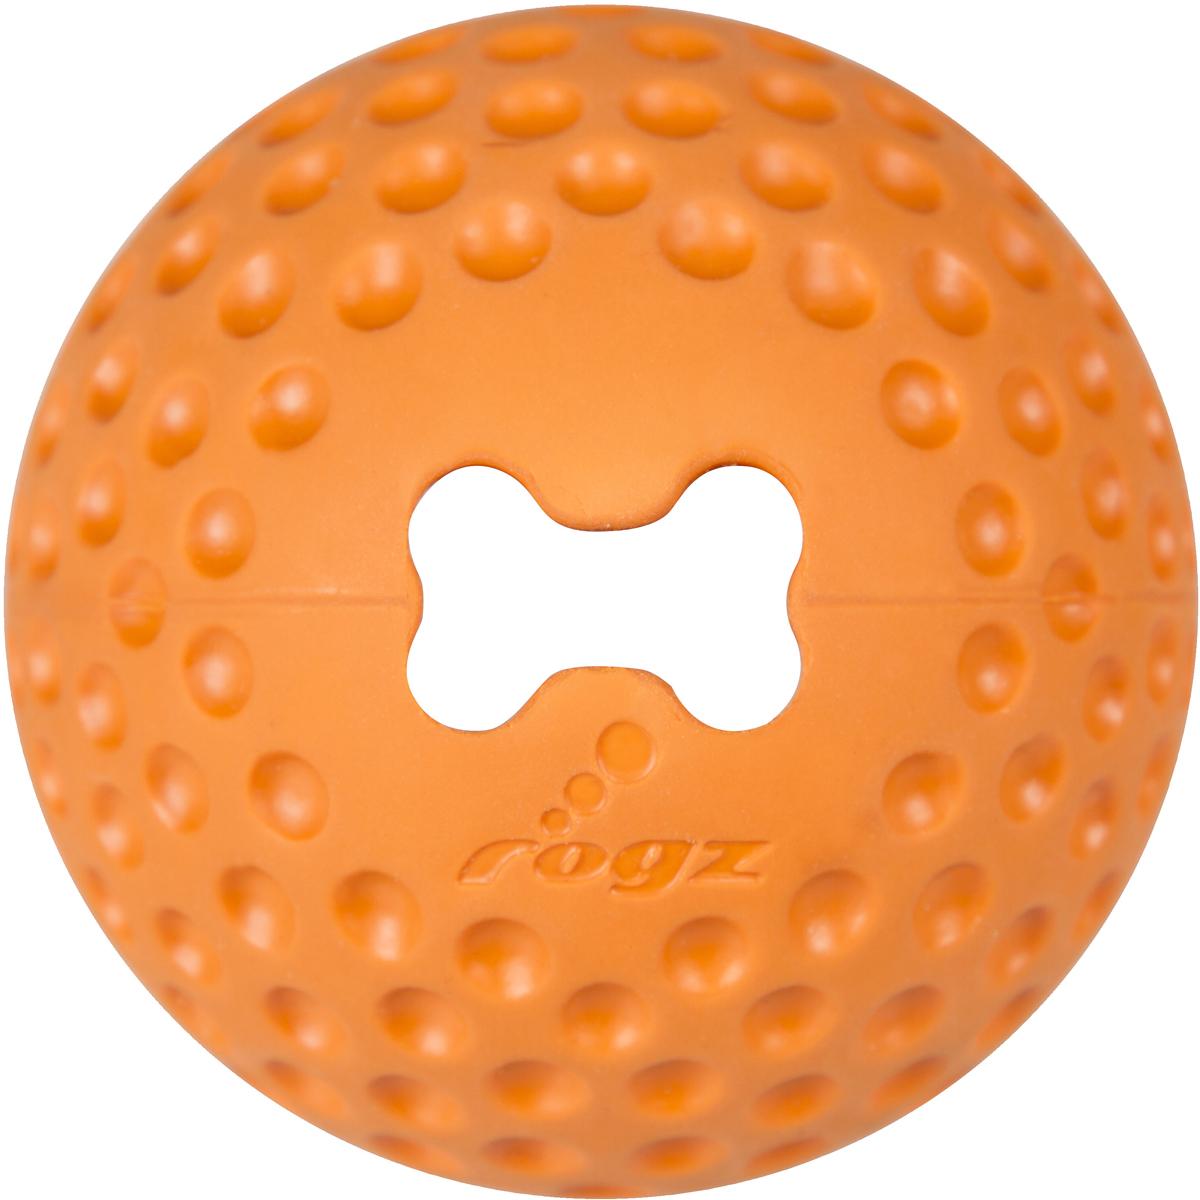 Игрушка для собак Rogz Gumz, с отверстием для лакомства, цвет: оранжевый, диаметр 7,8 см джей ви j w игрушка для лакомства большая пирамидки на канате для собак 1 шт